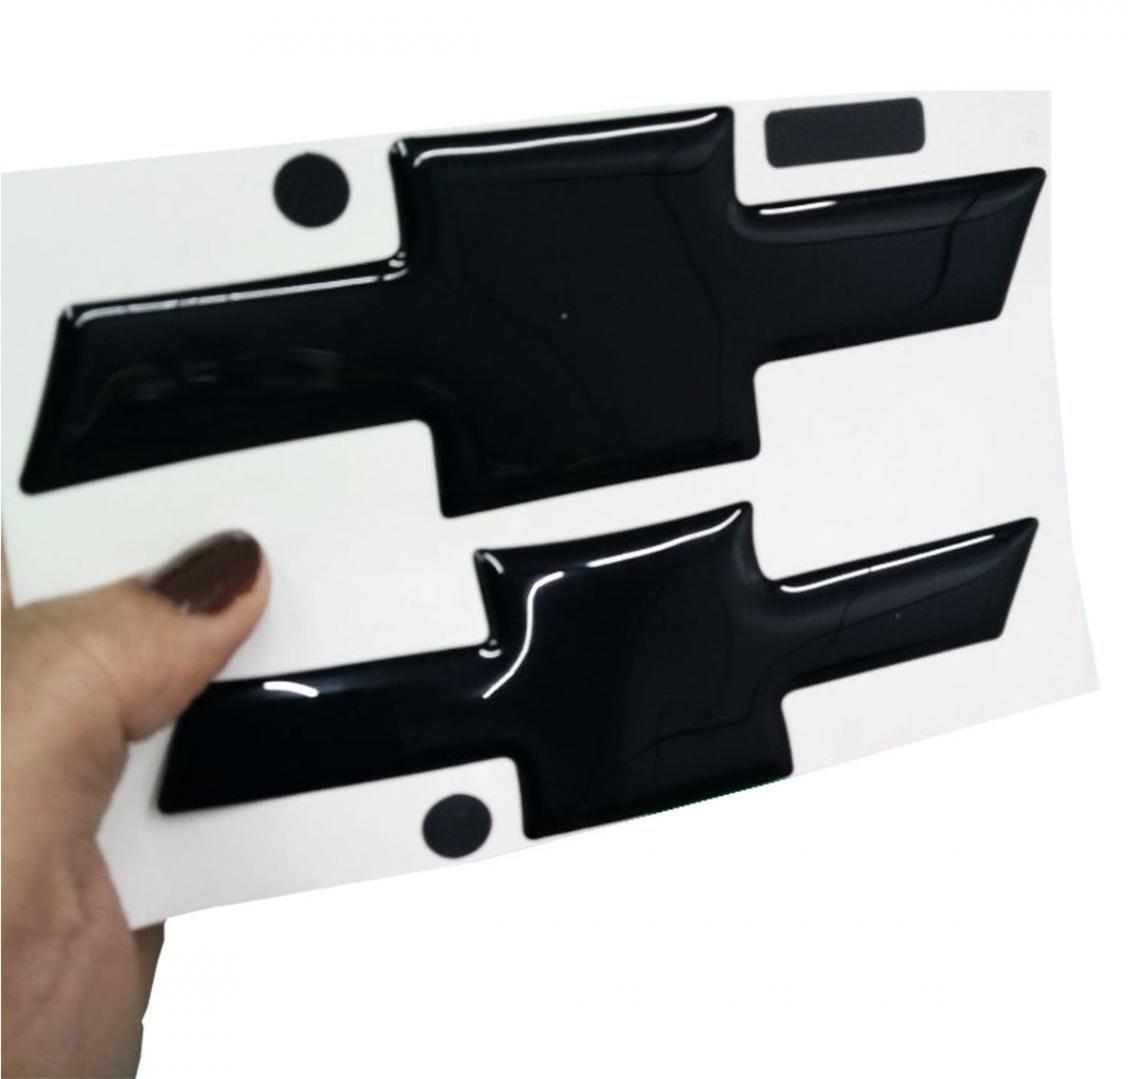 Gravata Adesiva Resinada Chevrolet Montana Nova Black Piano